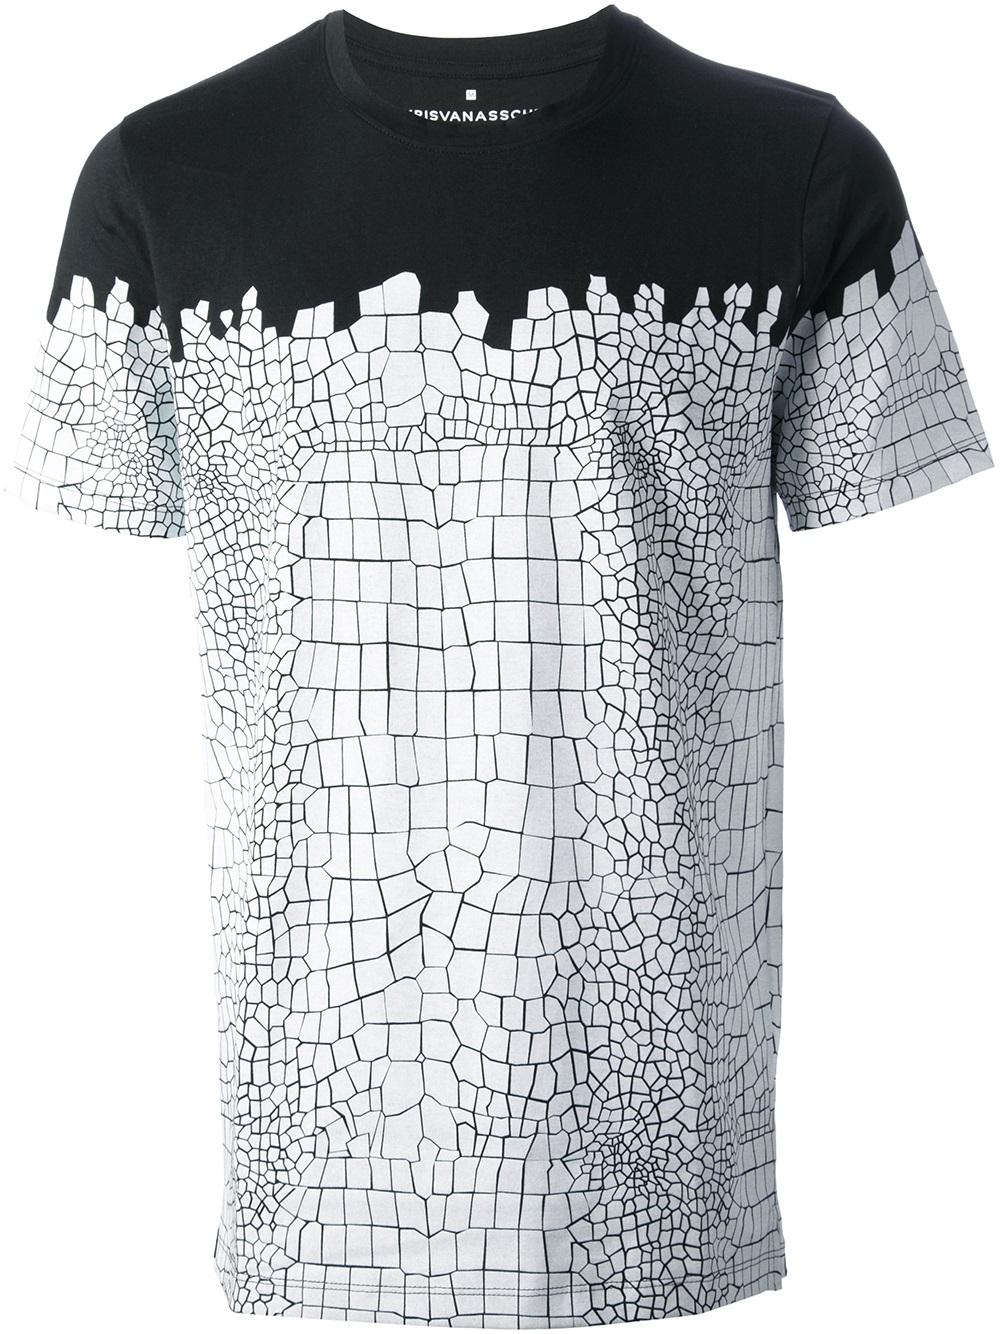 Kris van assche Crocodile Print Tshirt in Black for Men